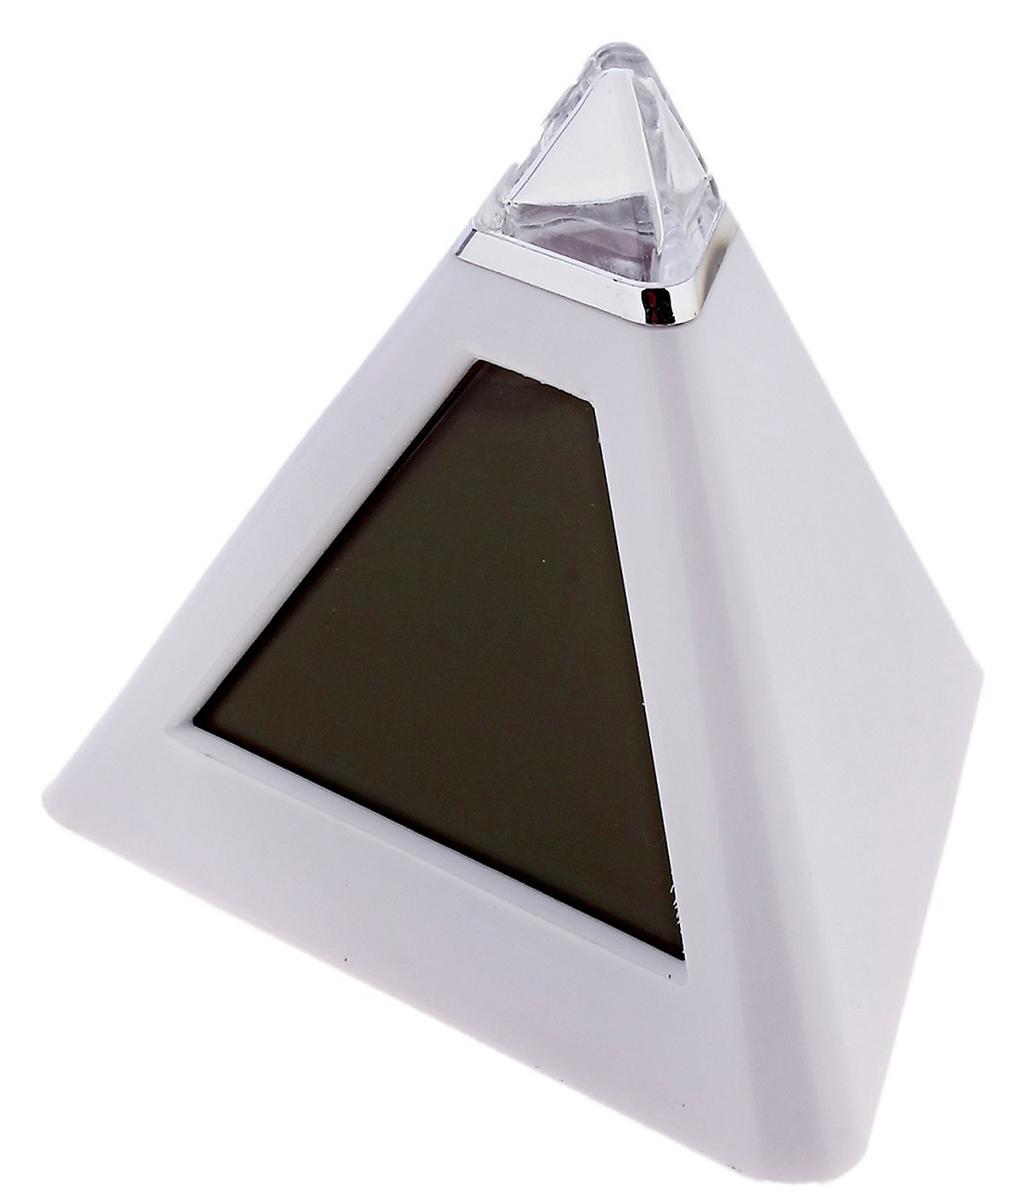 Часы-будильник Luazon Home Пирамида-антистресс. 667977667977Отличный подарок для снятия стресса! Его секрет в том, что но светятся приятным светом и постоянно изменяет цвет — с красного на фиолетовый, с голубого на зелёный (всего семь цветов). Оба этих фактора способствуют уменьшению нервного напряжения и поднятию настроения. Будильник имеет большую площадь под нанесение логотипа (тампопечать). Основные функции: Отображение времени и даты, дня недели; Поддержка 12-часового и 24-часового формата времени; Отображение температуры воздуха по Цельсию и Фаренгейту; 7 цветов подсветки; Функция ежечасной смены цвета подсветки; Функция будильника и сна (8 мелодий). Для работы будильника требуются 3 х ААА батареи (в комплект не входят).